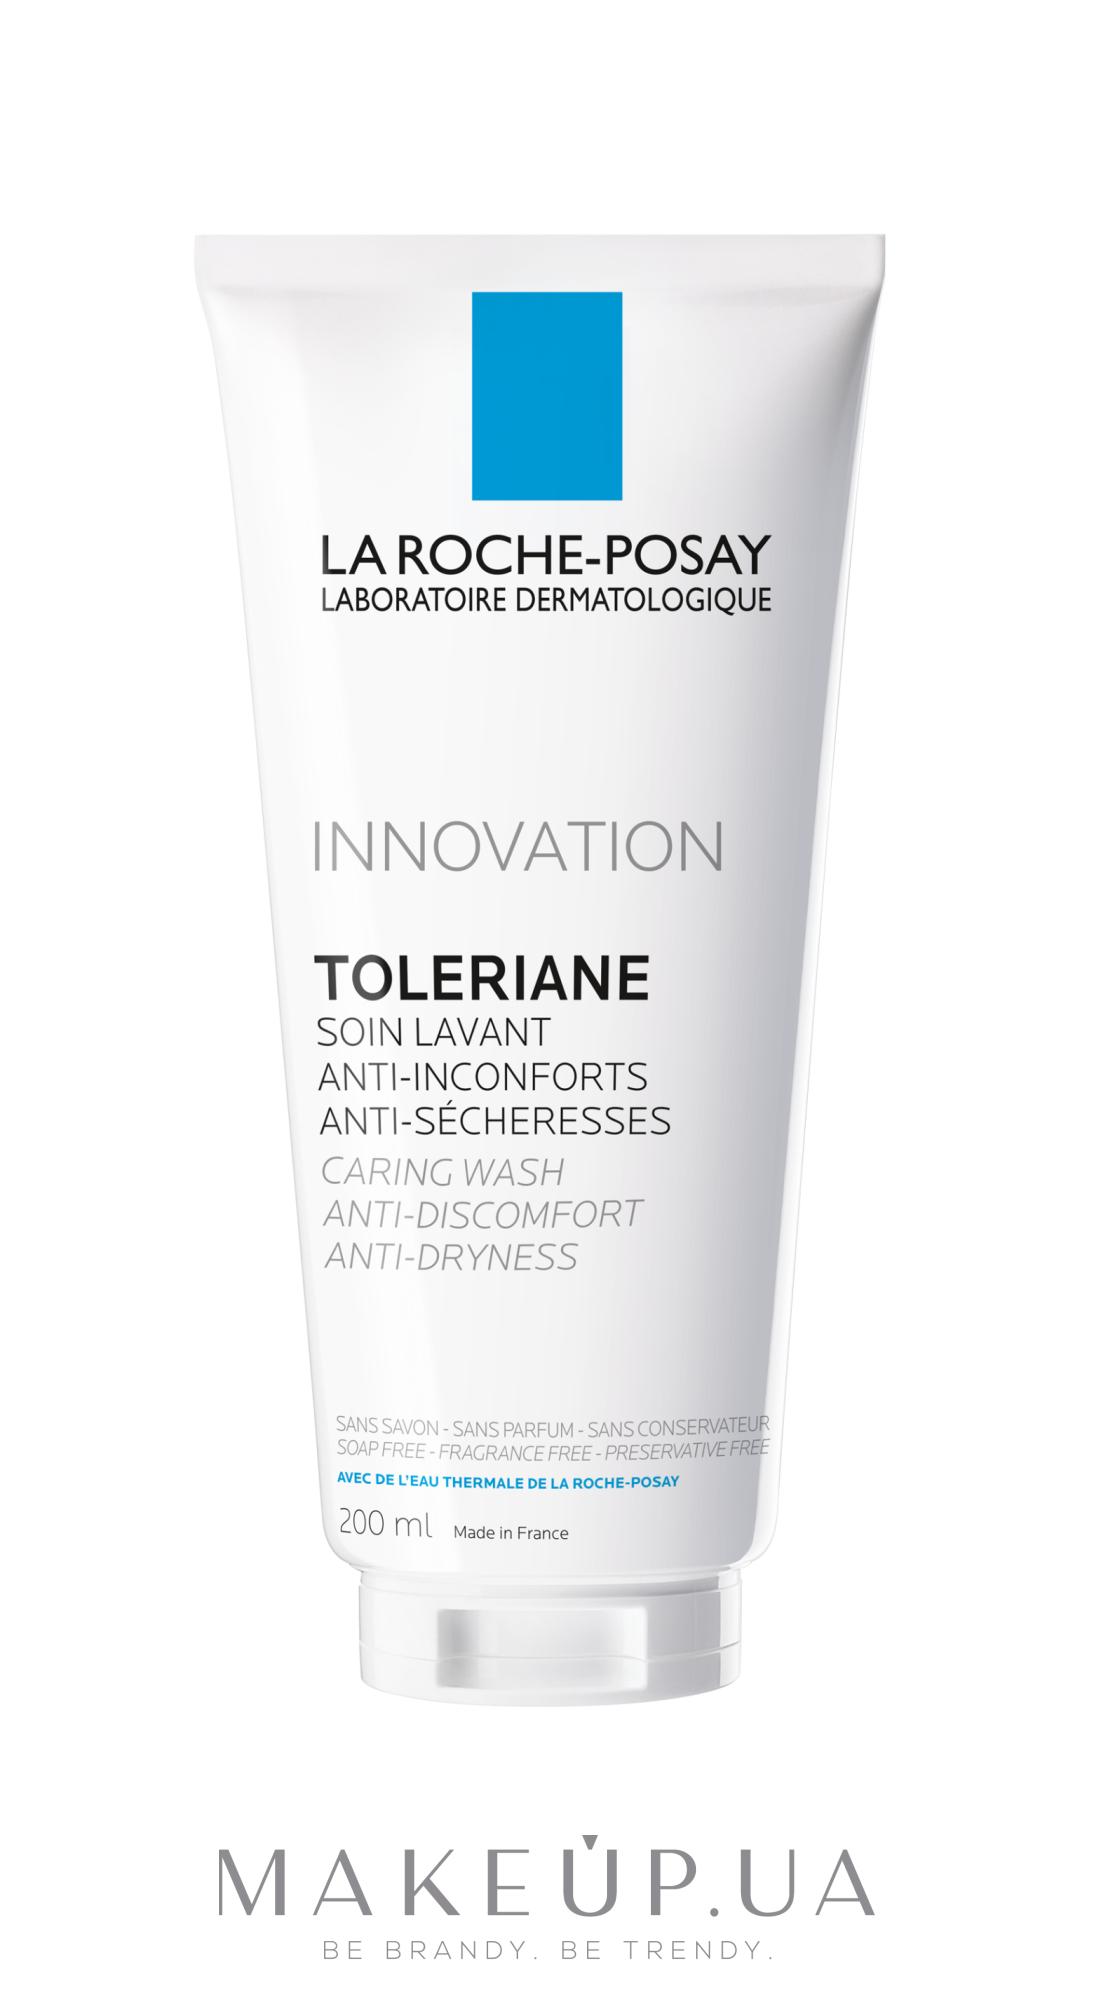 Очищающий крем-гель для чувствительной кожи - La Roche-Posay Toleriane Anti-Inconforts — фото 200ml